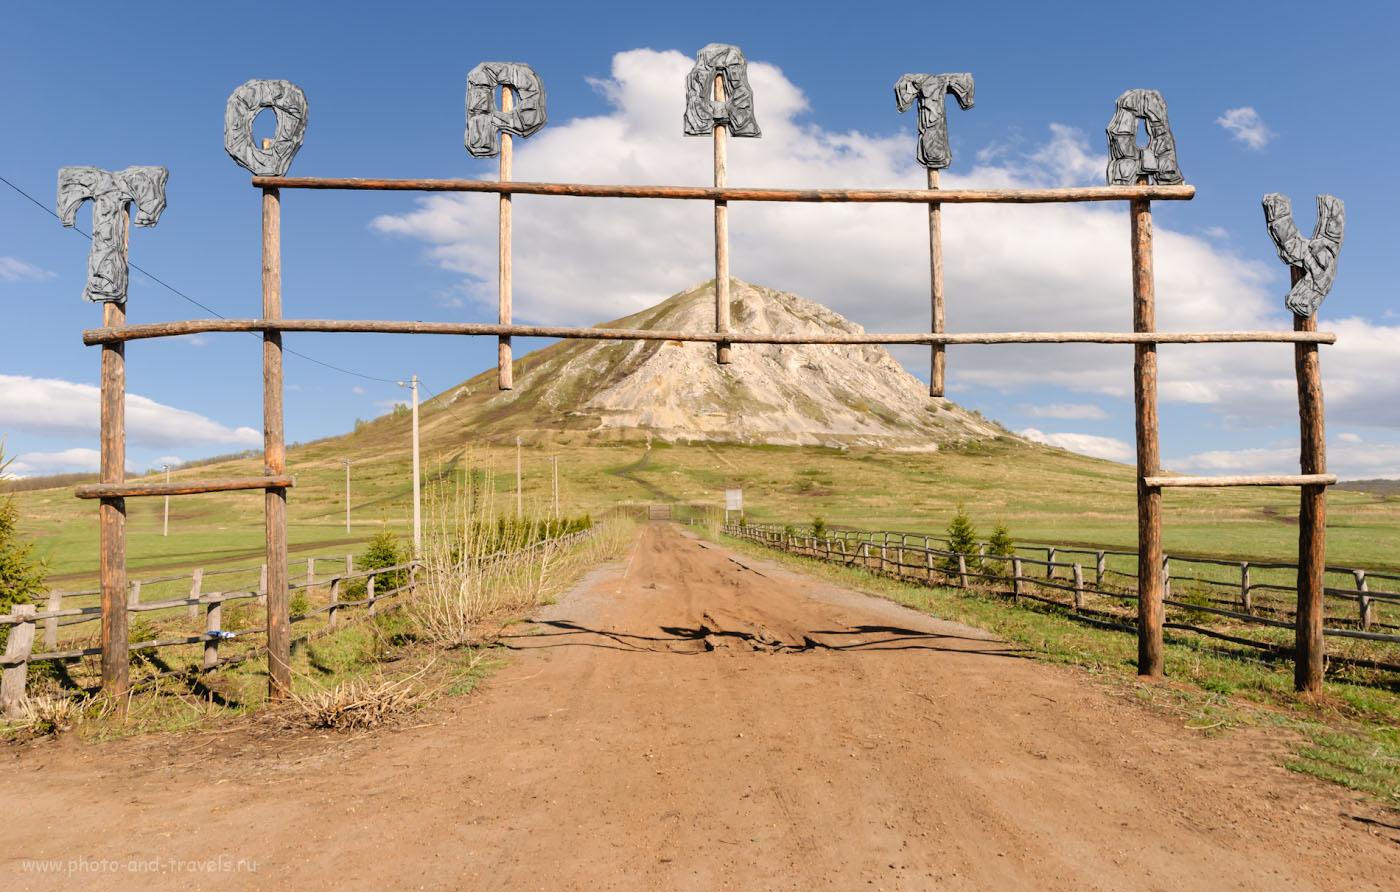 Фотография 34. Как подъедешь к Торатау ближе, гора не кажется такой зловещей и неприступной, как с трассы «Уфа-Салават». Отзыв об отдыхе в Башкирии. 1/250, -0.67, 9.0, 100, 14.